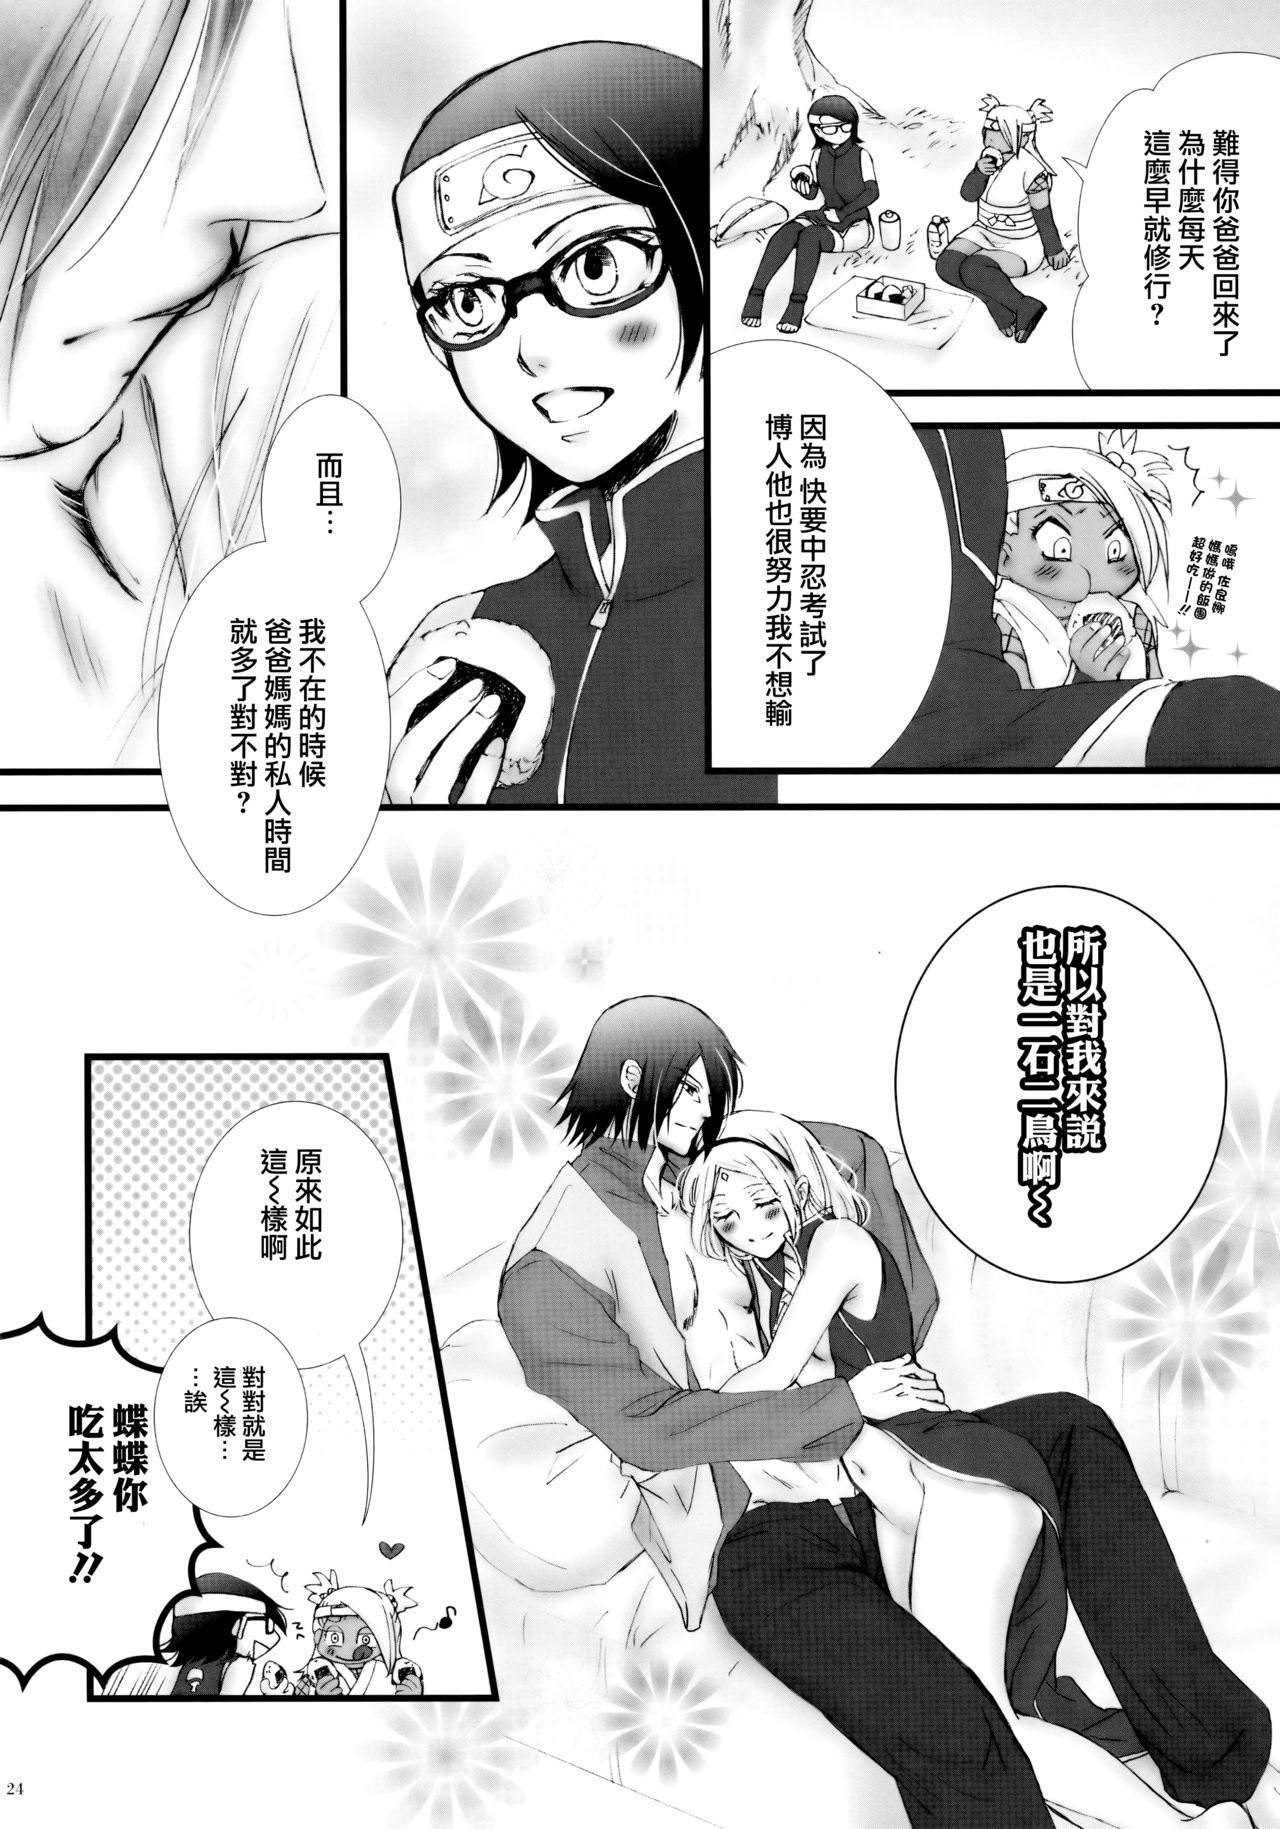 Himitsu no Jikan 22